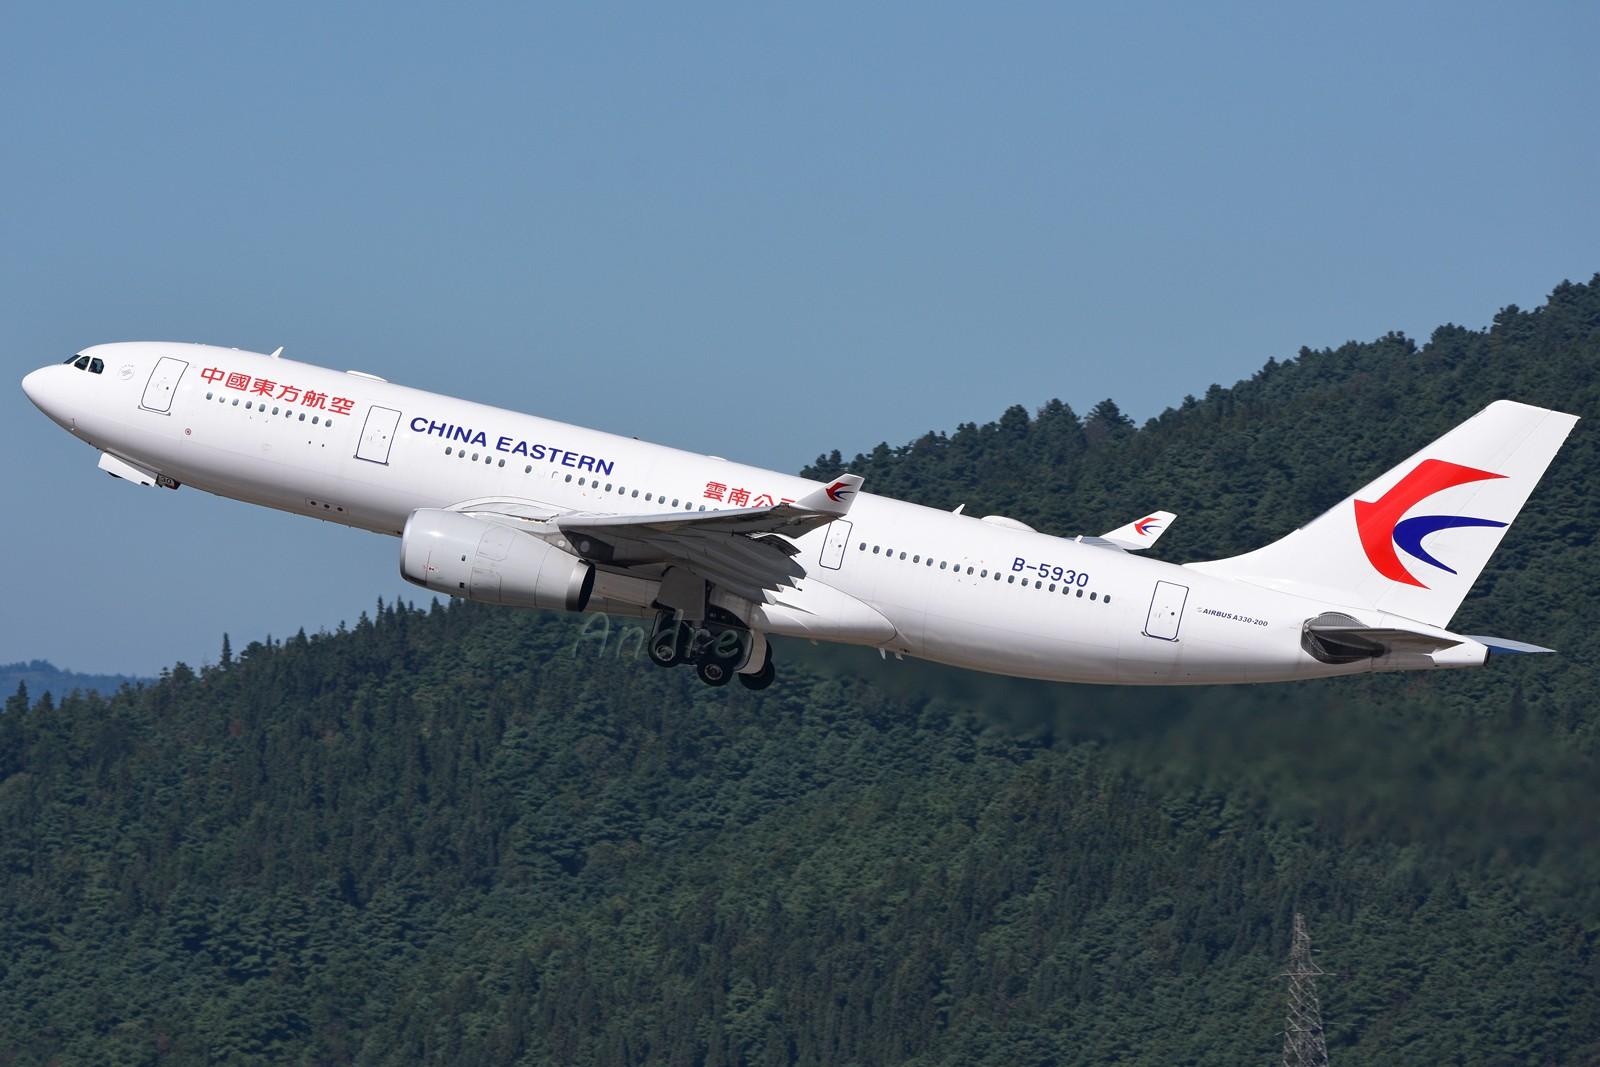 [原创]=====有空就要来几发,不能懈怠===== AIRBUS A330-200 B-5930 中国昆明长水国际机场